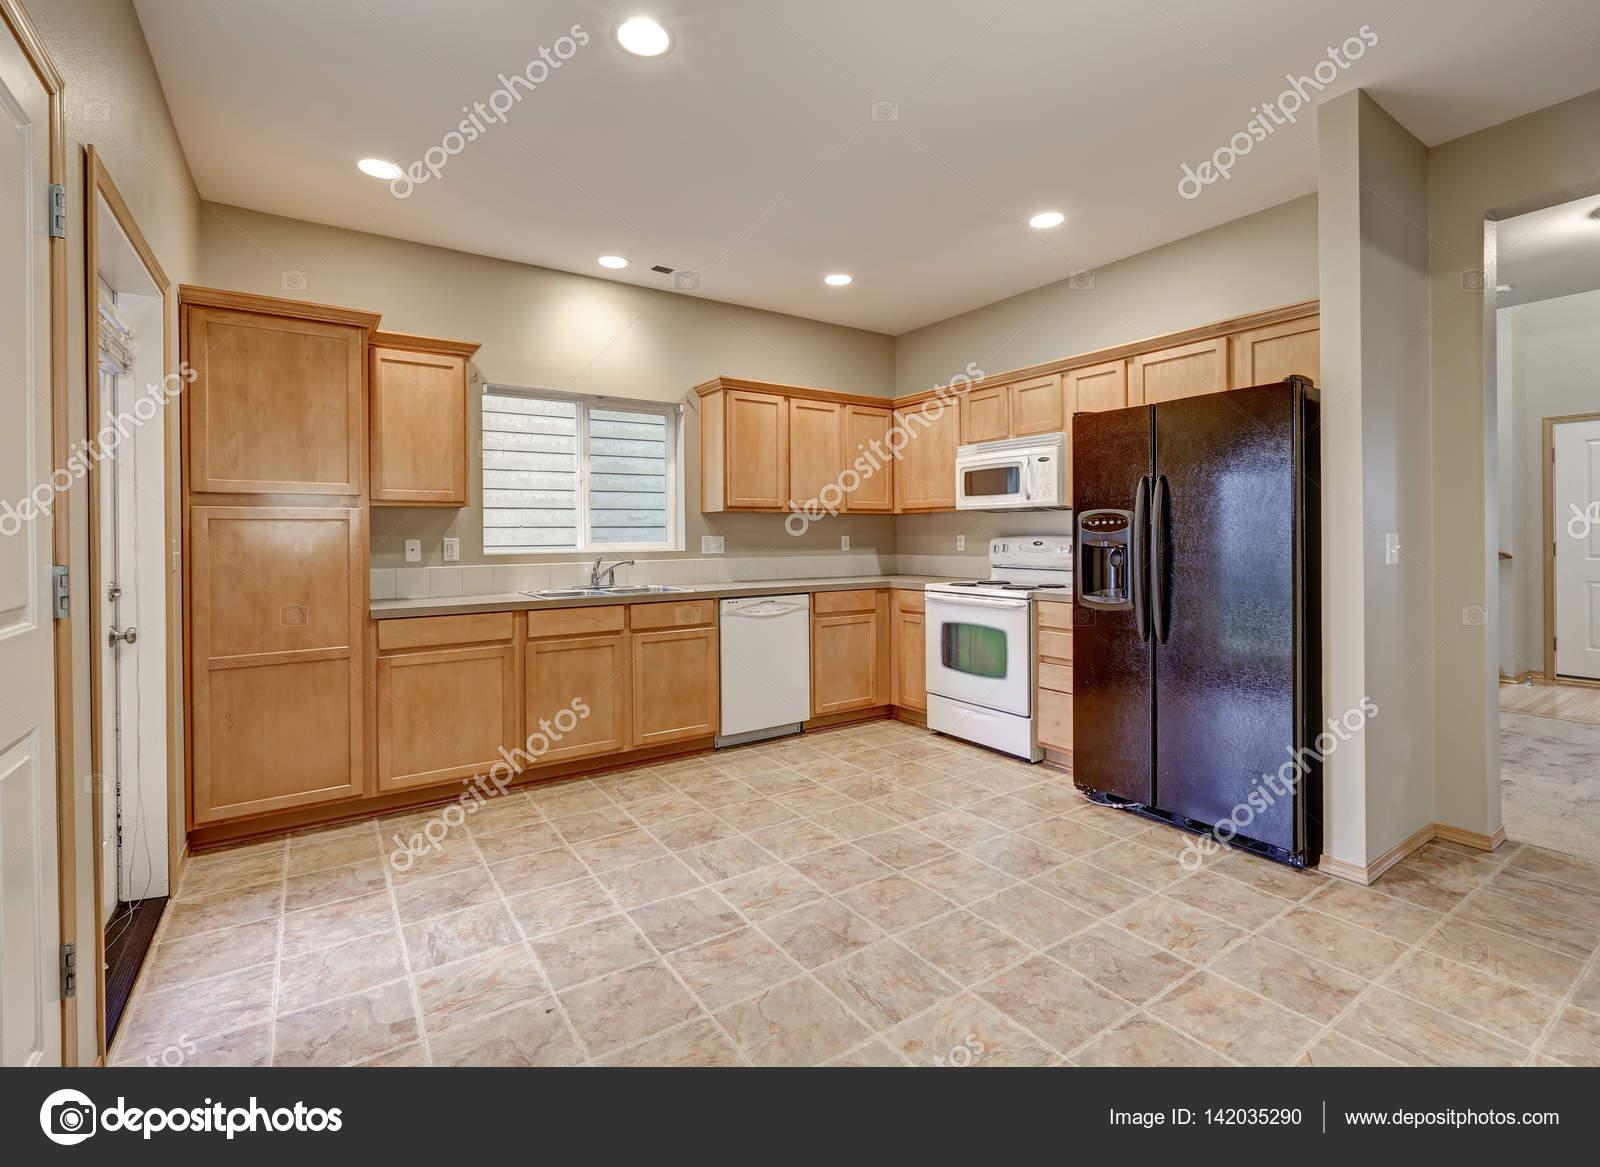 Helle Und Luftige Küche Zimmer Mit Frisch Gestrichenen Wänden In Beige  Farbe, Leichte Holz Schränke Und Schwarze Kühlschrank Auf Fliesenboden.